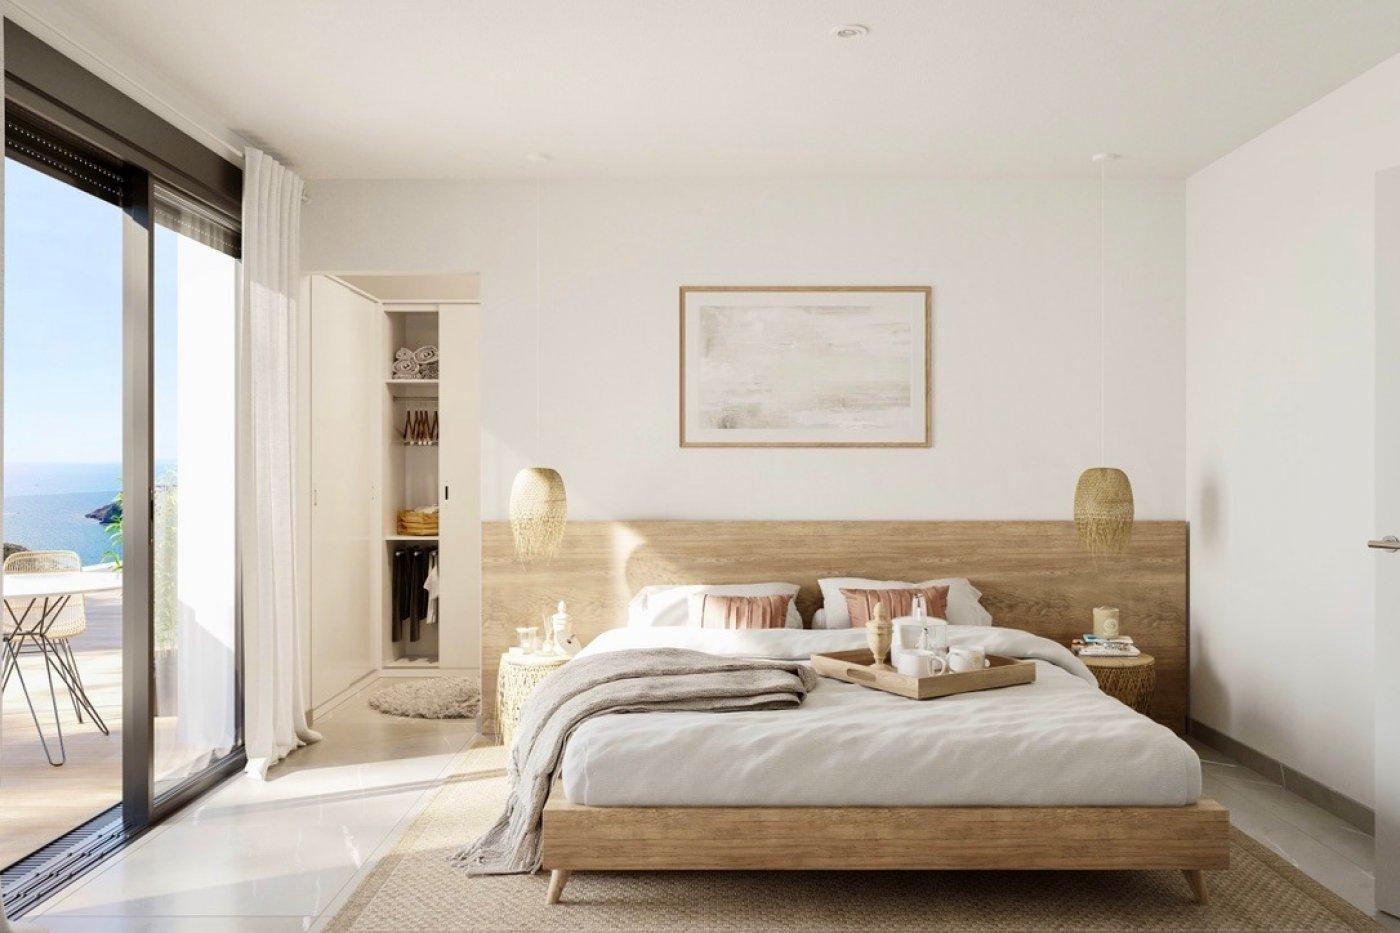 Imagen de la galería 7 of Se Vende Apartamento en Isea Calma, águilas Con Piscina